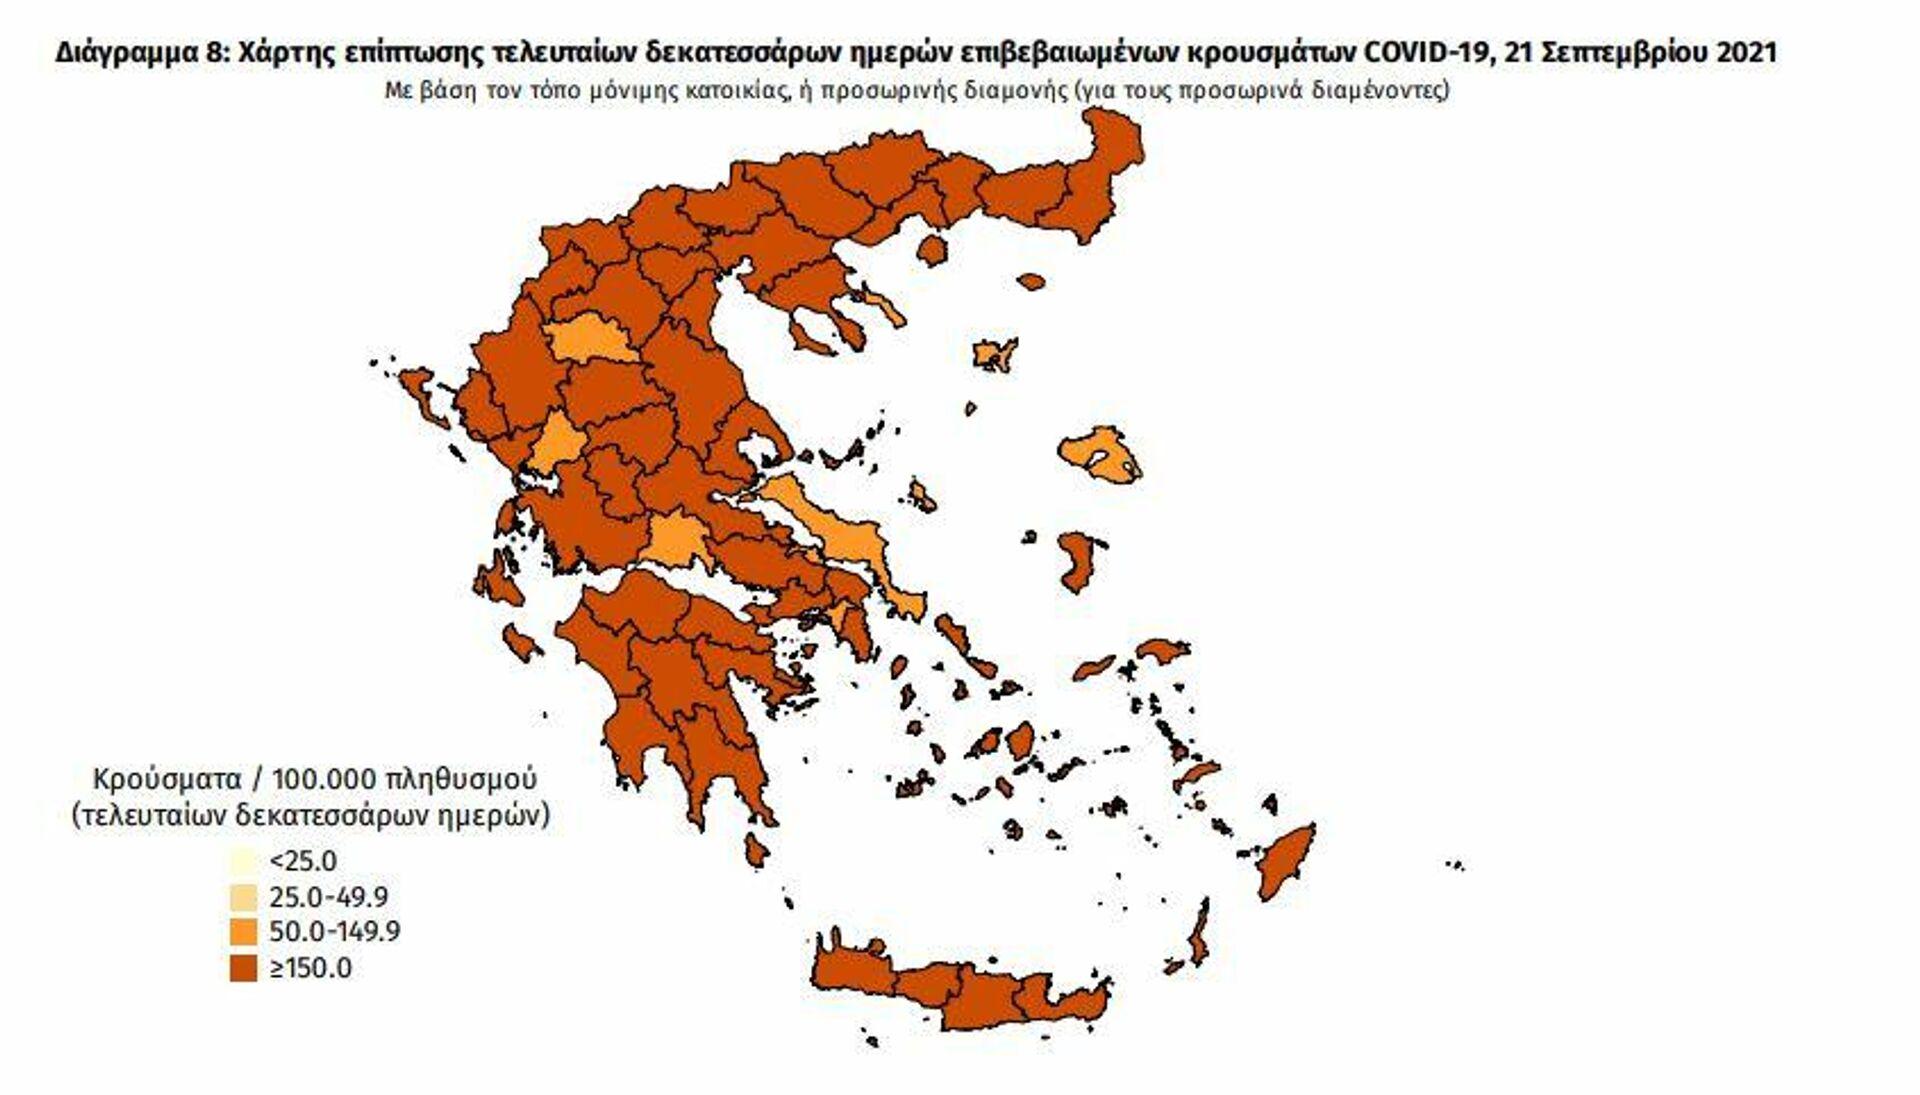 Χάρτης κορονοϊού, 21 Σεπτεμβρίου - Sputnik Ελλάδα, 1920, 21.09.2021